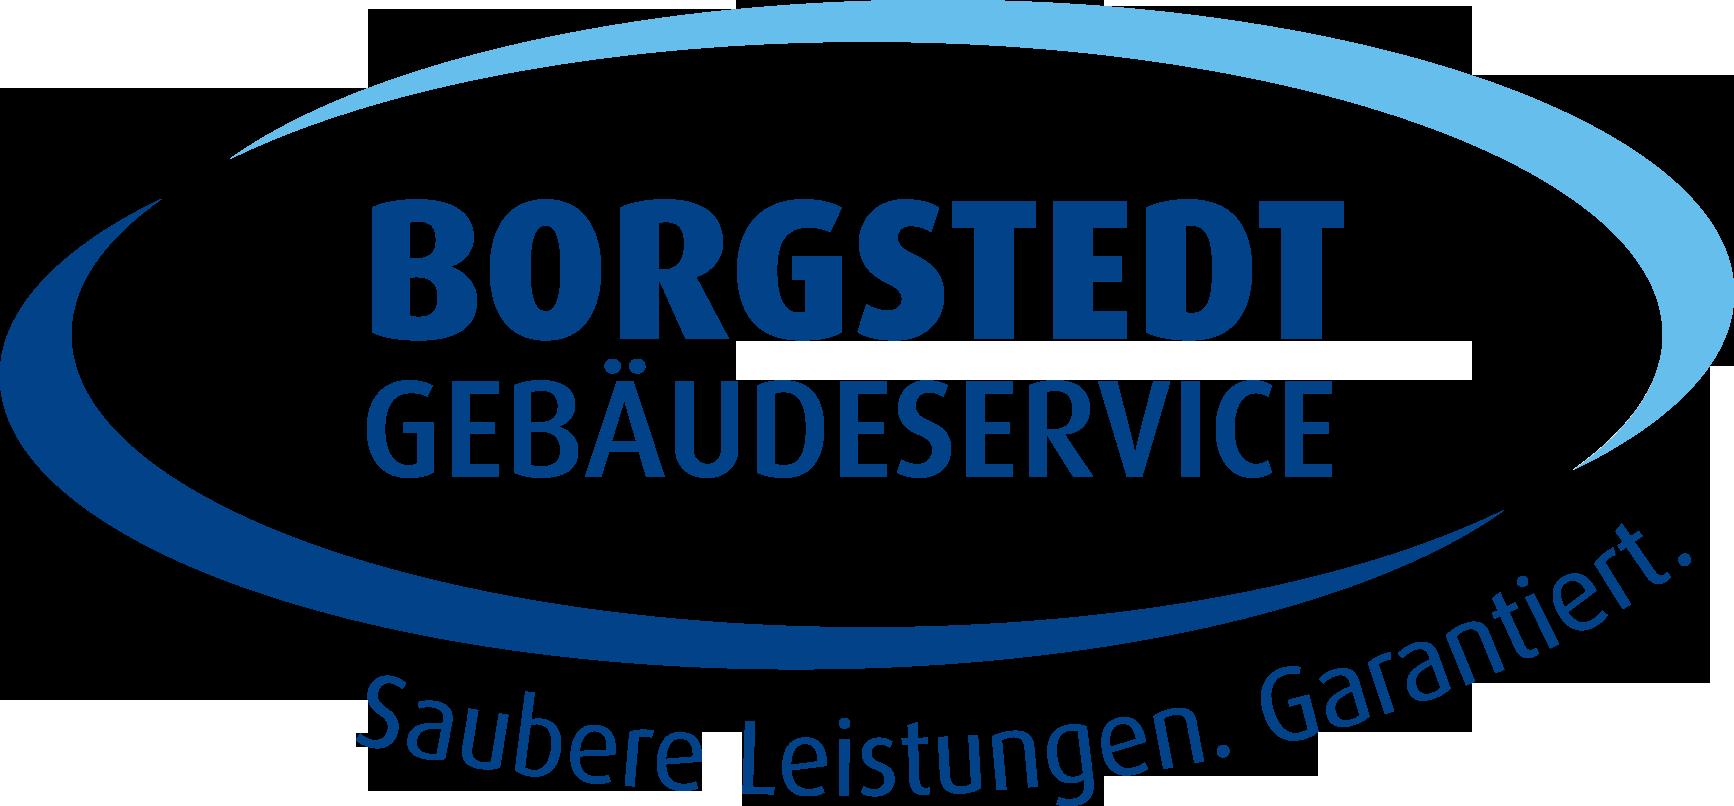 Borgstedt Gebäudeservice GmbH